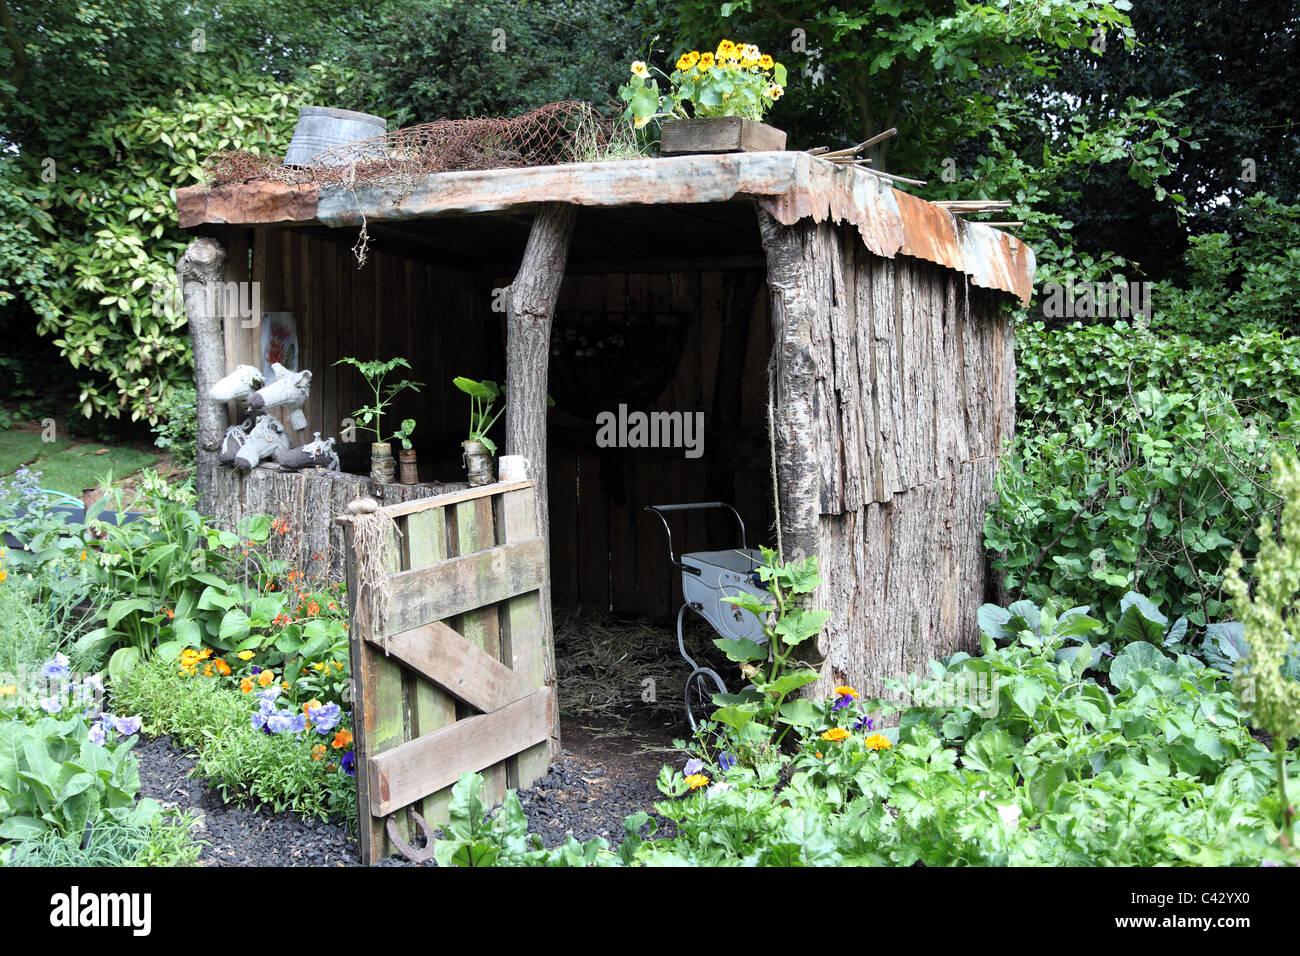 Garden shed in a child 39 s garden in wales artisan garden for Children s garden sheds